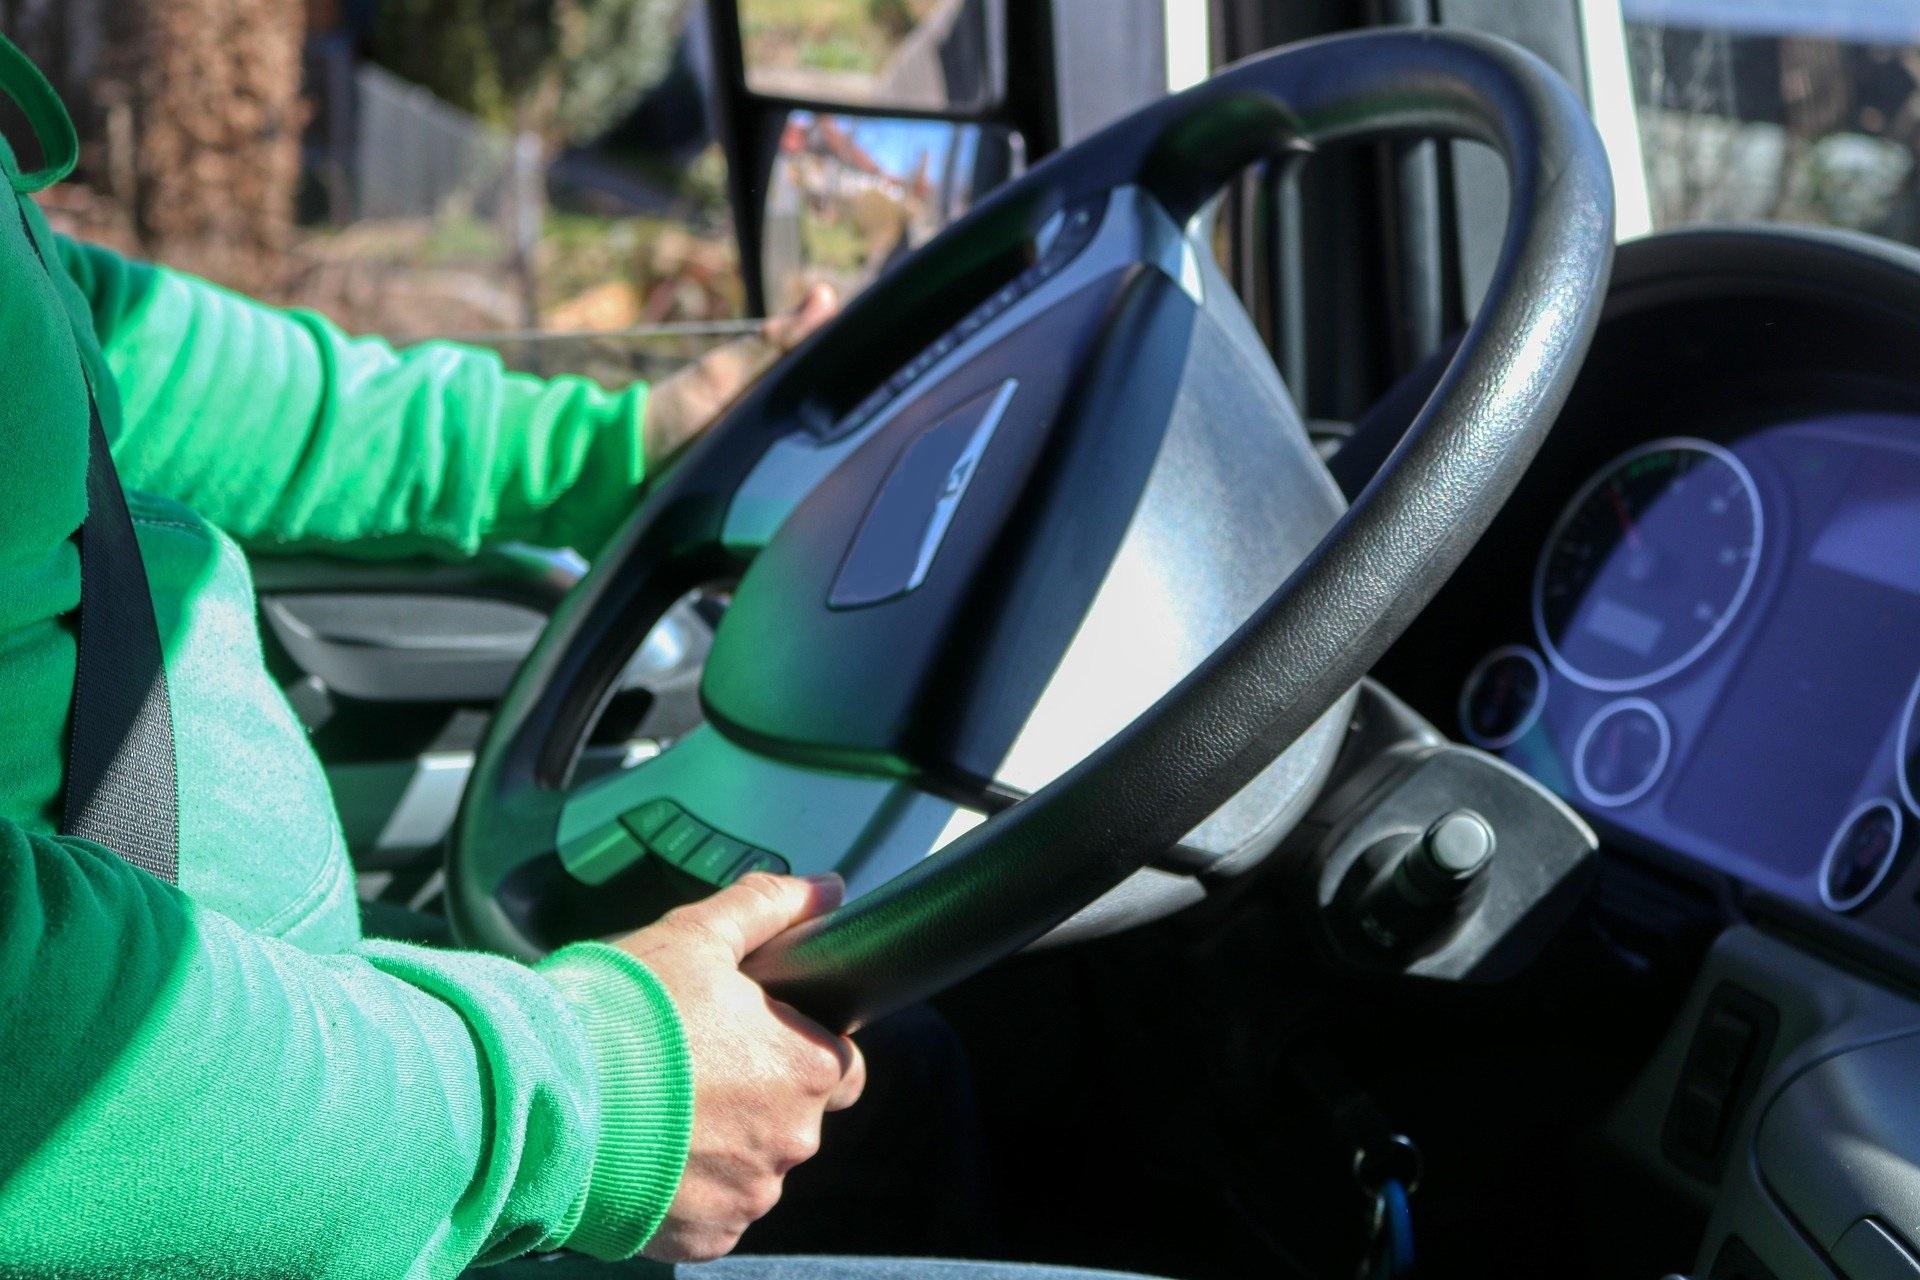 Kierowcy dostawali 300 euro miesięcznie, nie wracali do domów tygodniami. W sprawę zamieszane litewska i austriacka firma